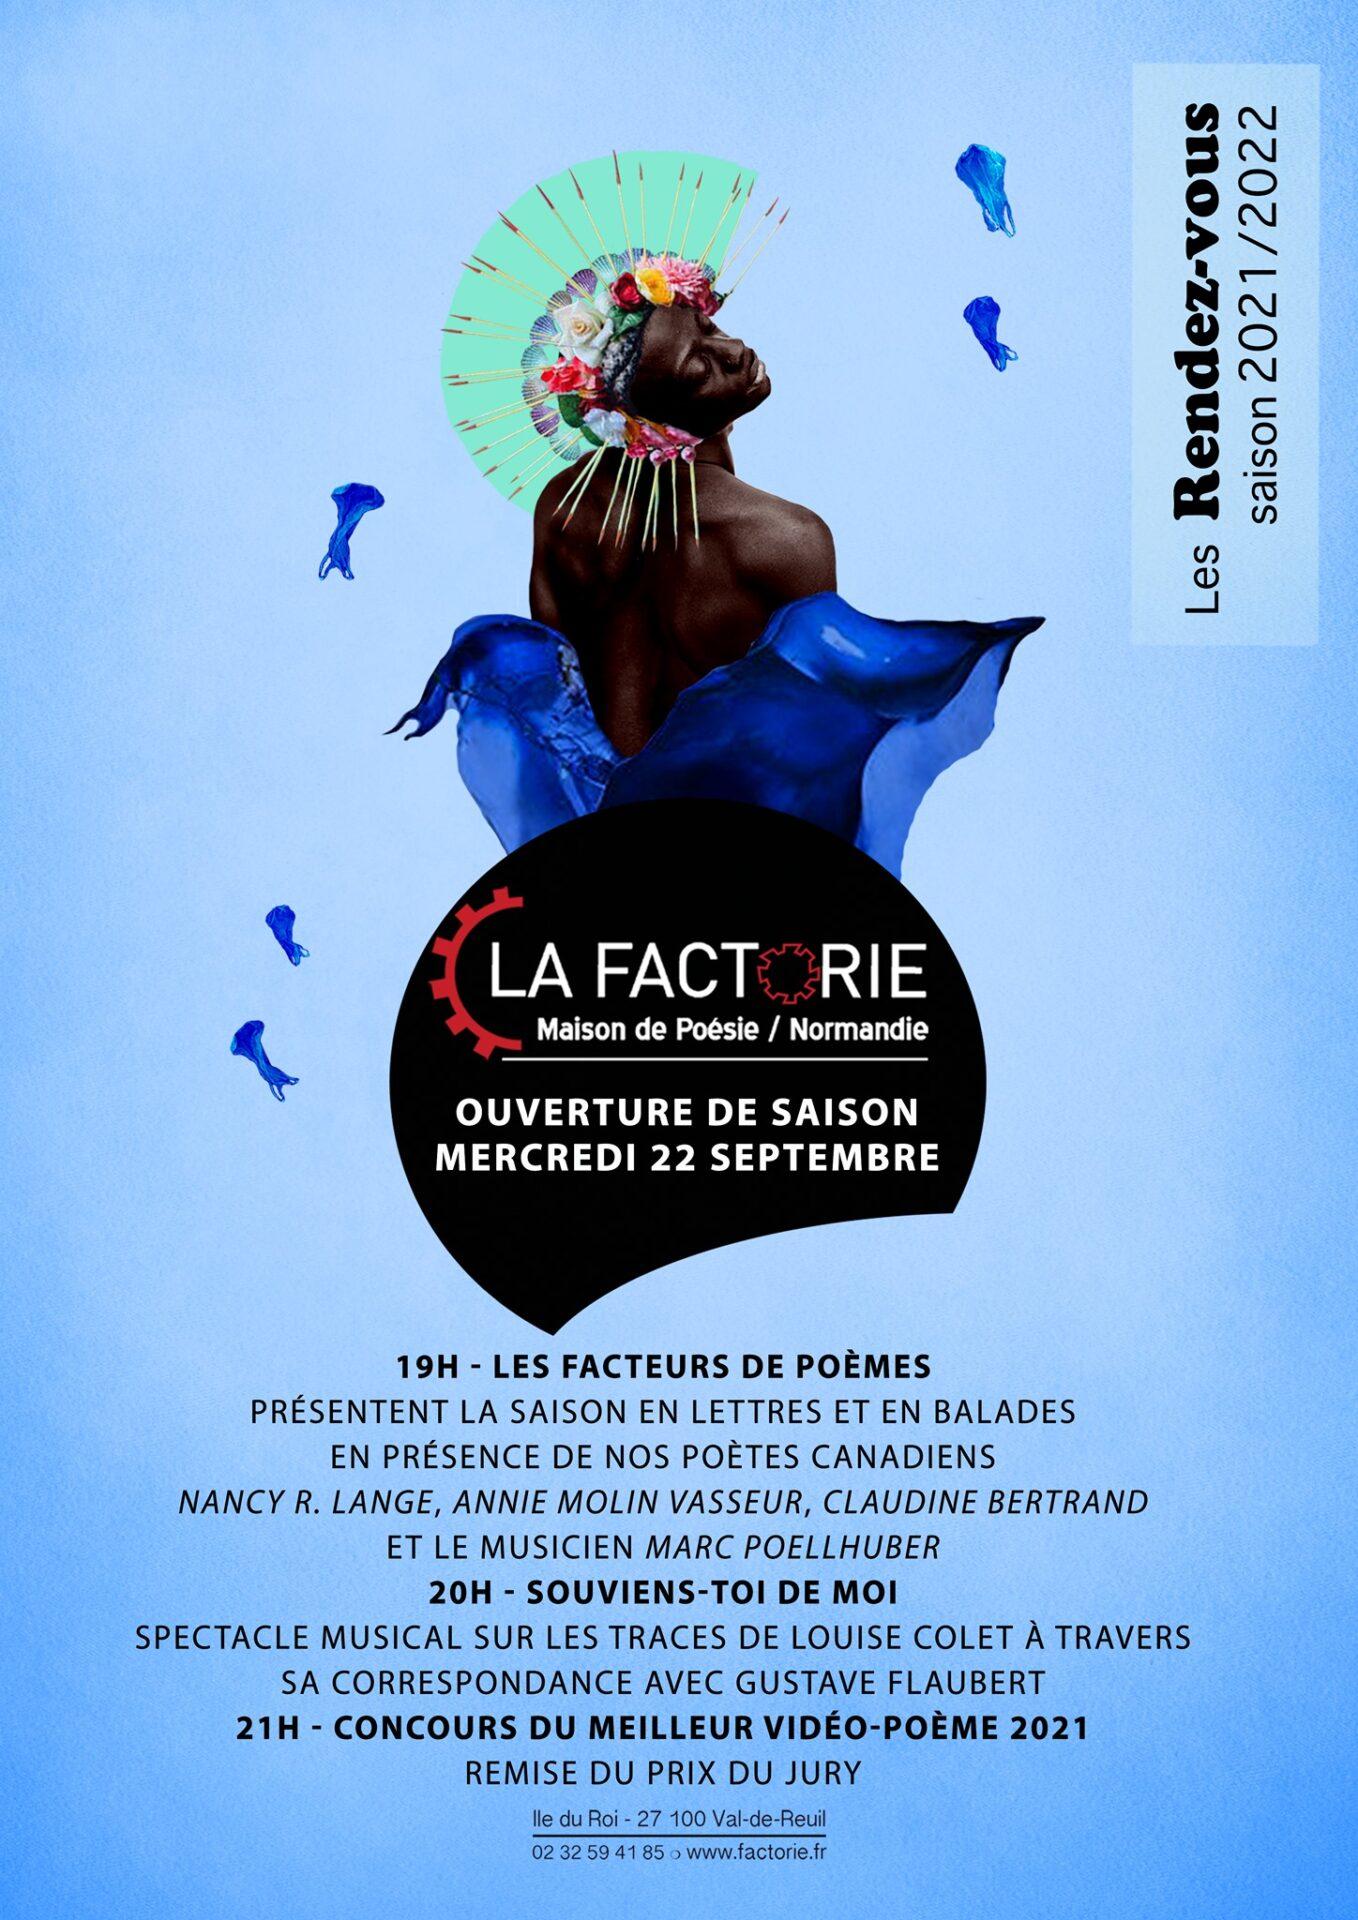 Ouverture de saison de la Factorie – Maison de Poésie de Normandie